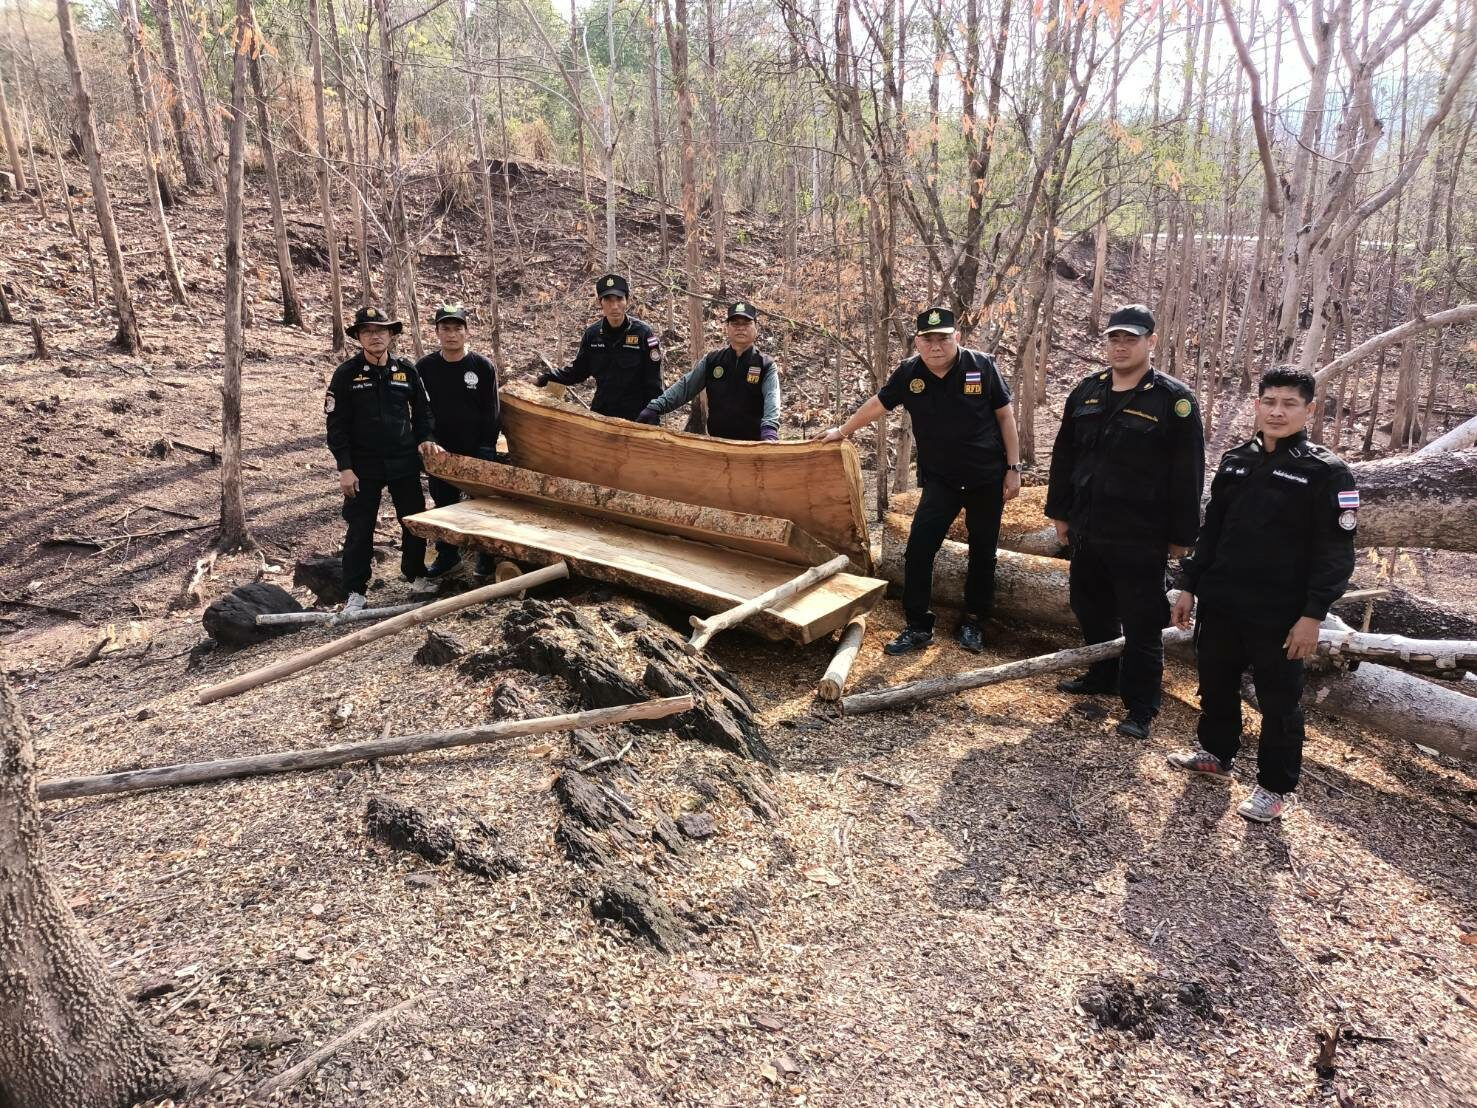 ยึดไม้สัก-ประดู่ ถูกตัดโค่นในเขตป่าสงวนแห่งชาติป่าโป่งแค